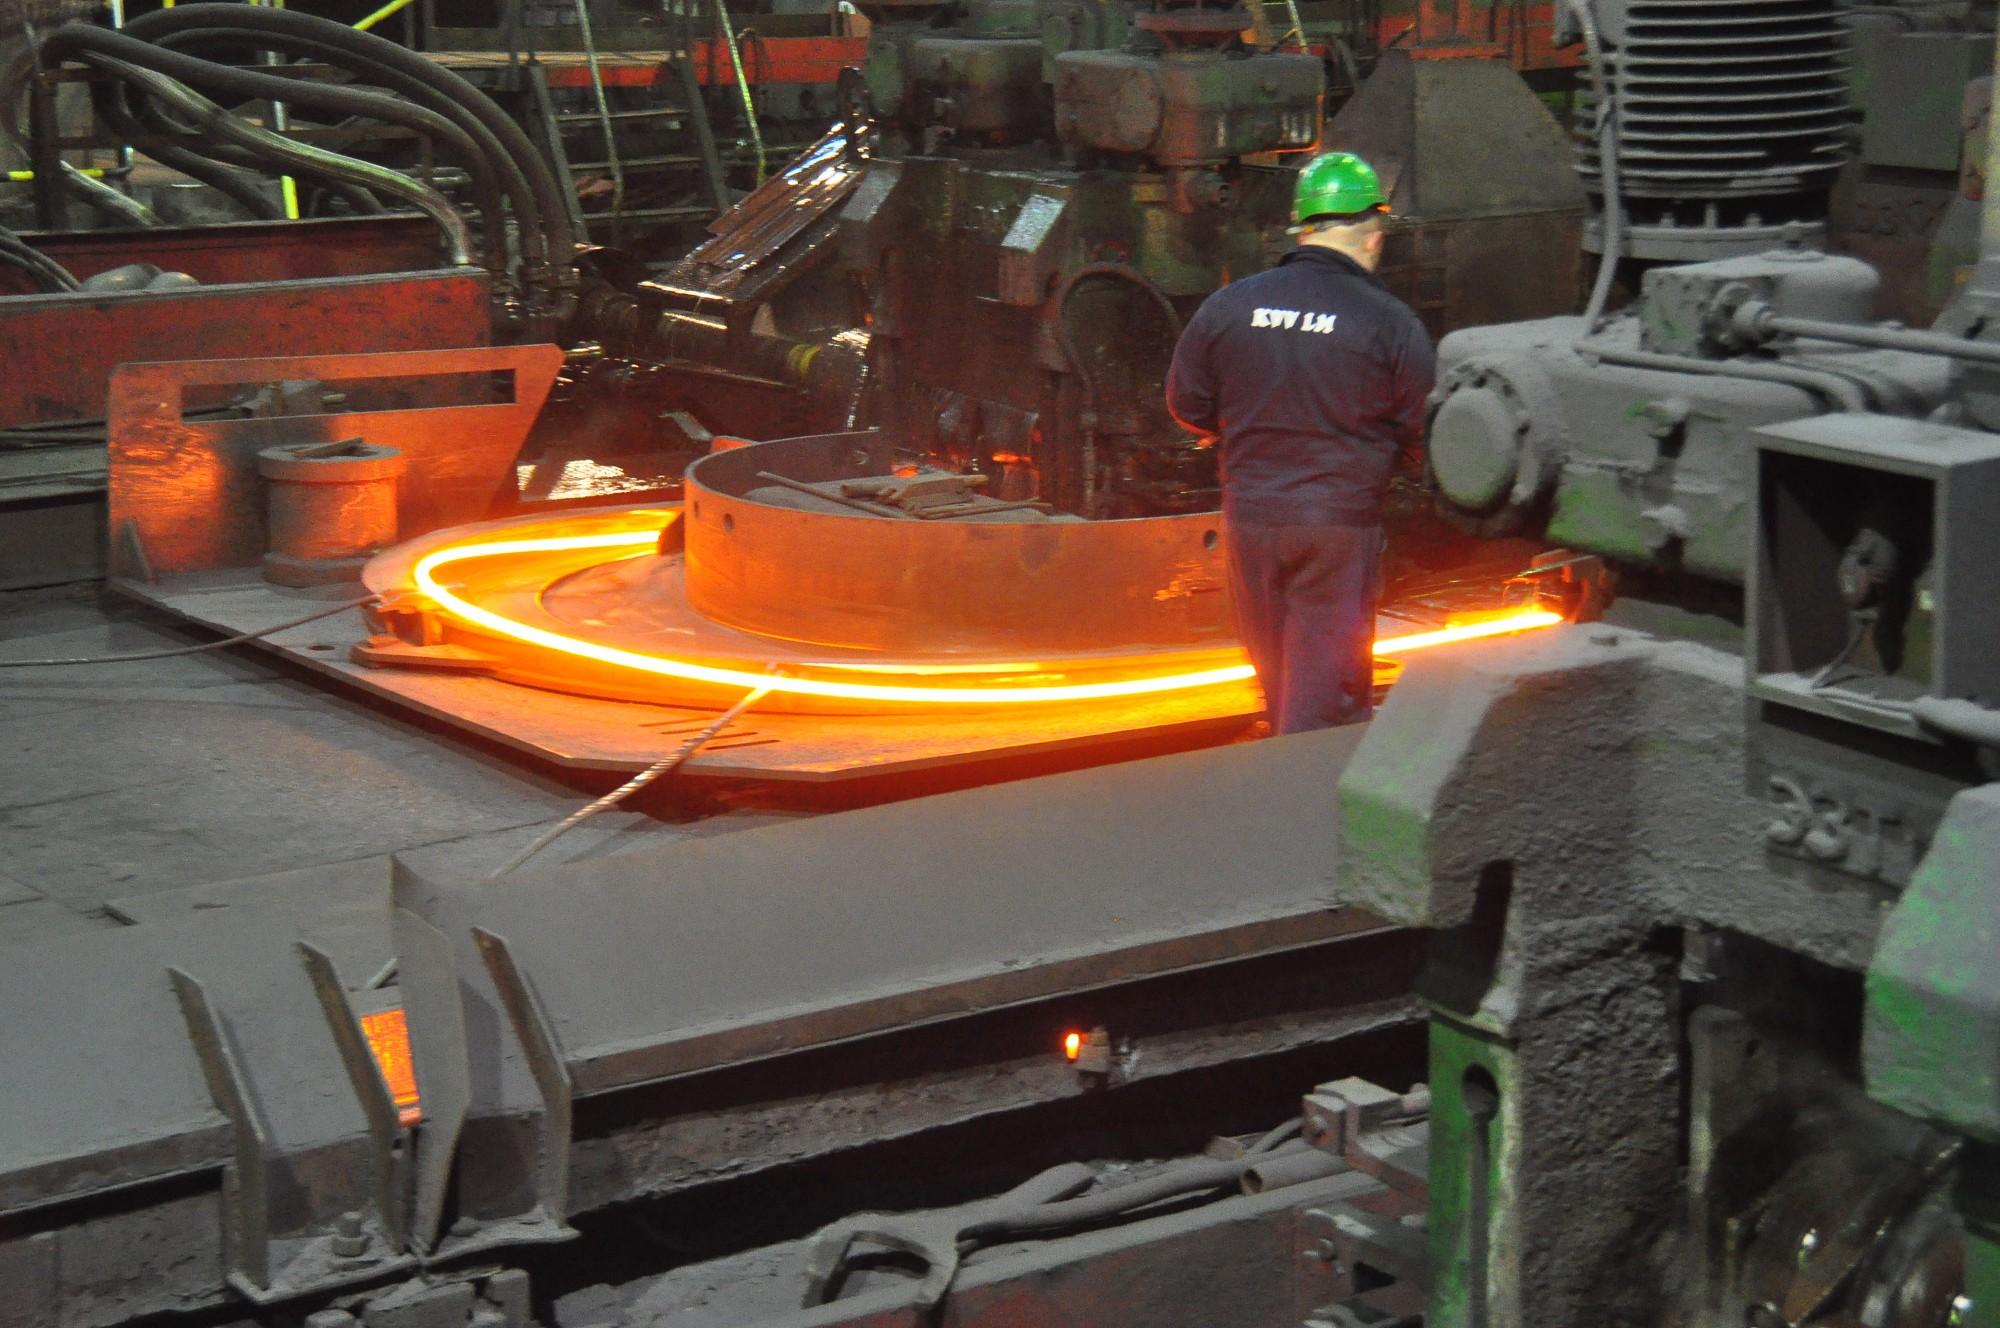 """Ašeradens: """"KVV Liepājas metalurgam"""" ir nākotne – radot jaunu produktu vai atrodot citu akcionāru"""